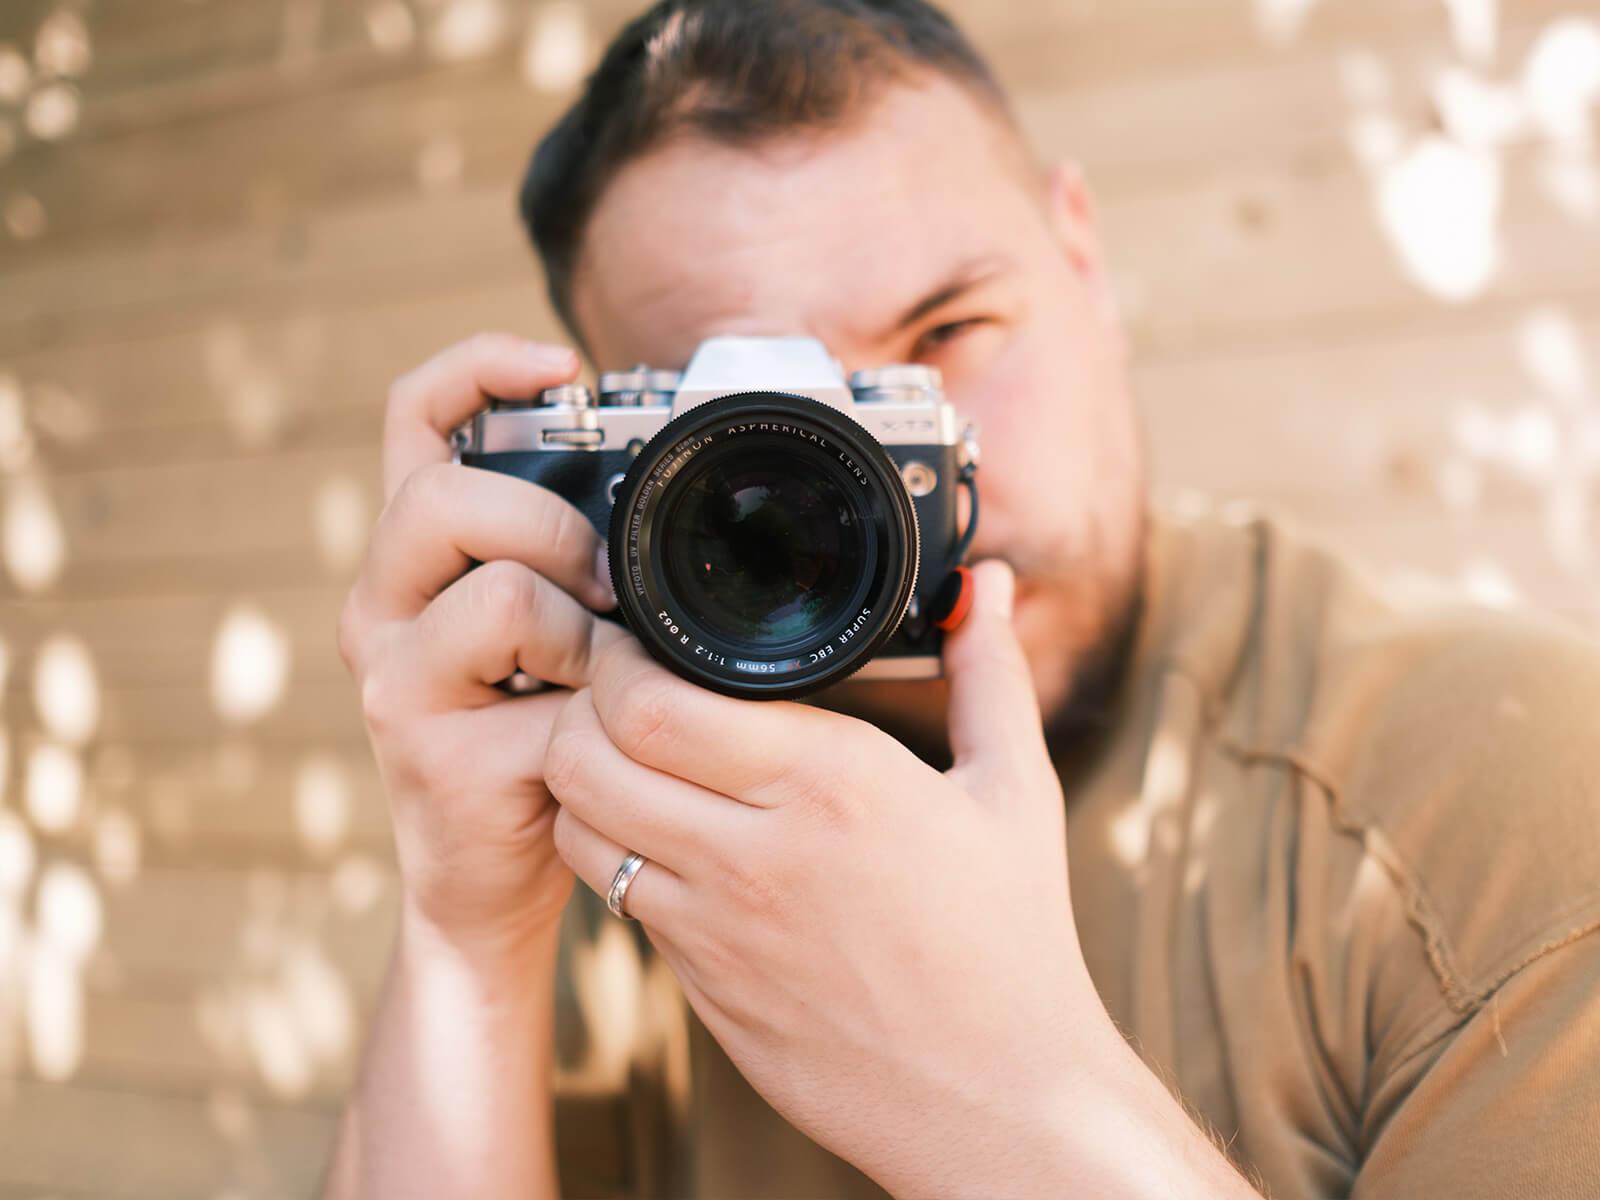 osoba drziaca fotoaparat